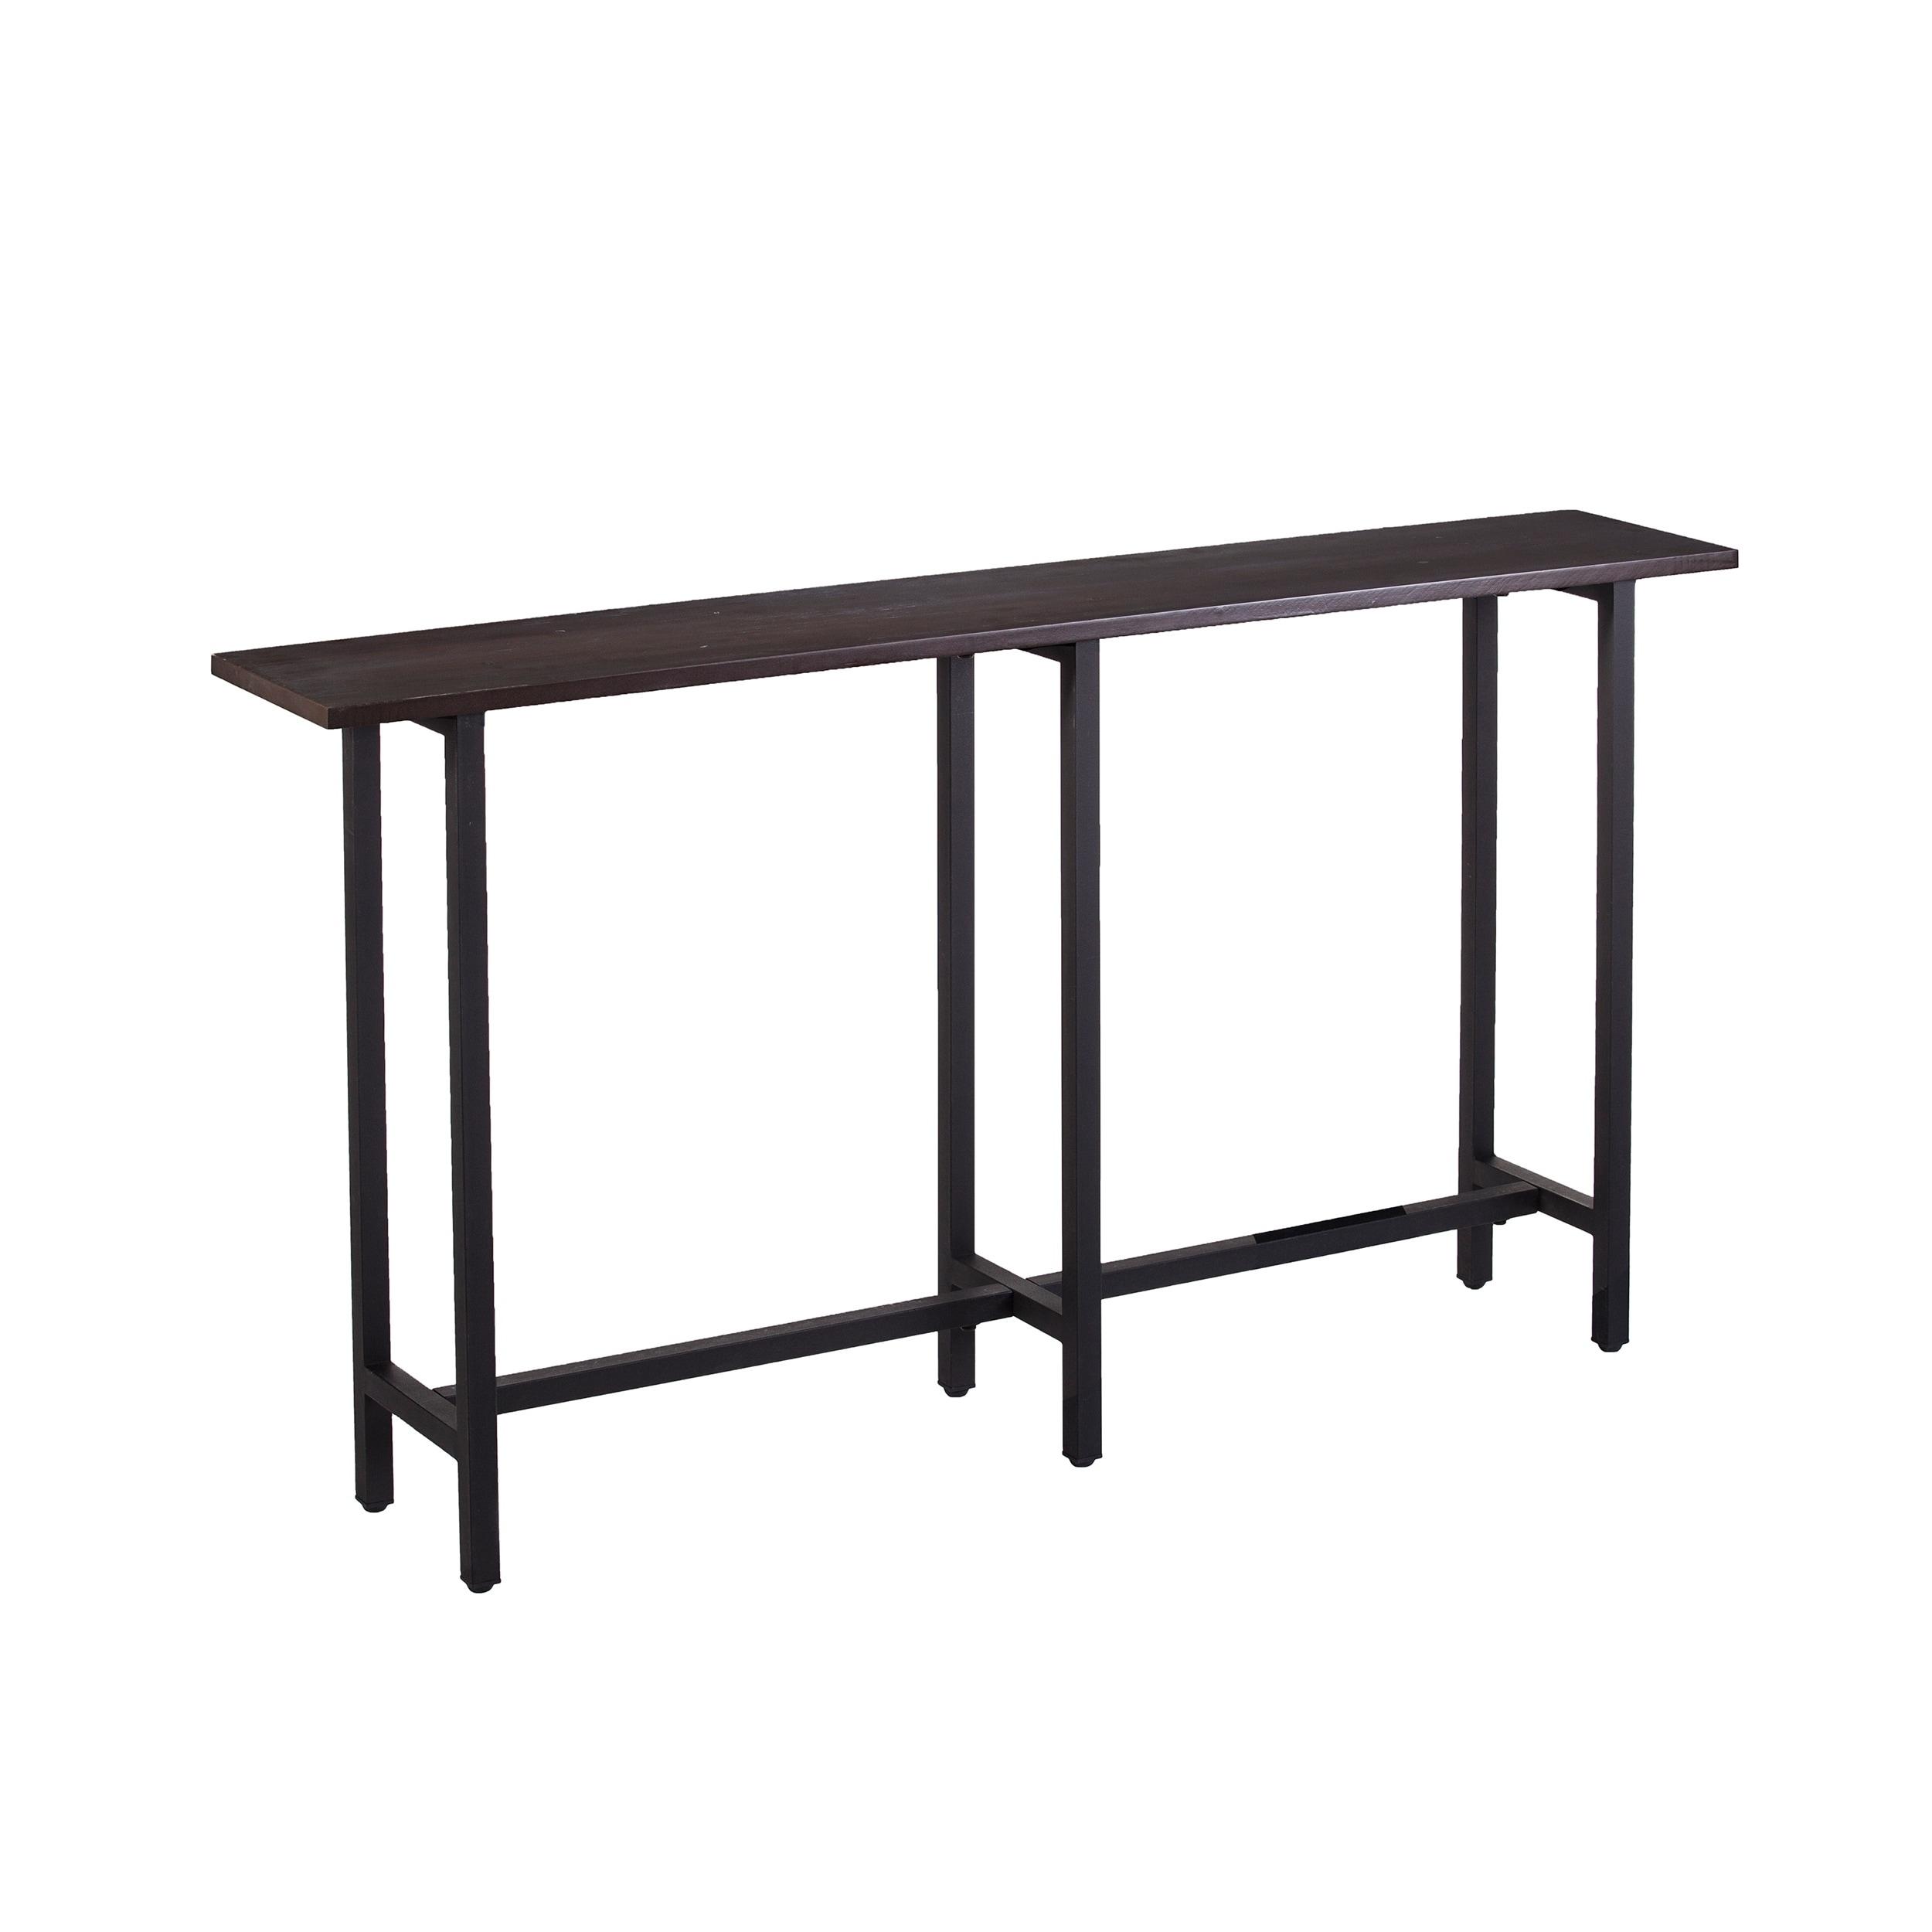 Tundry Long Narrow Console Table